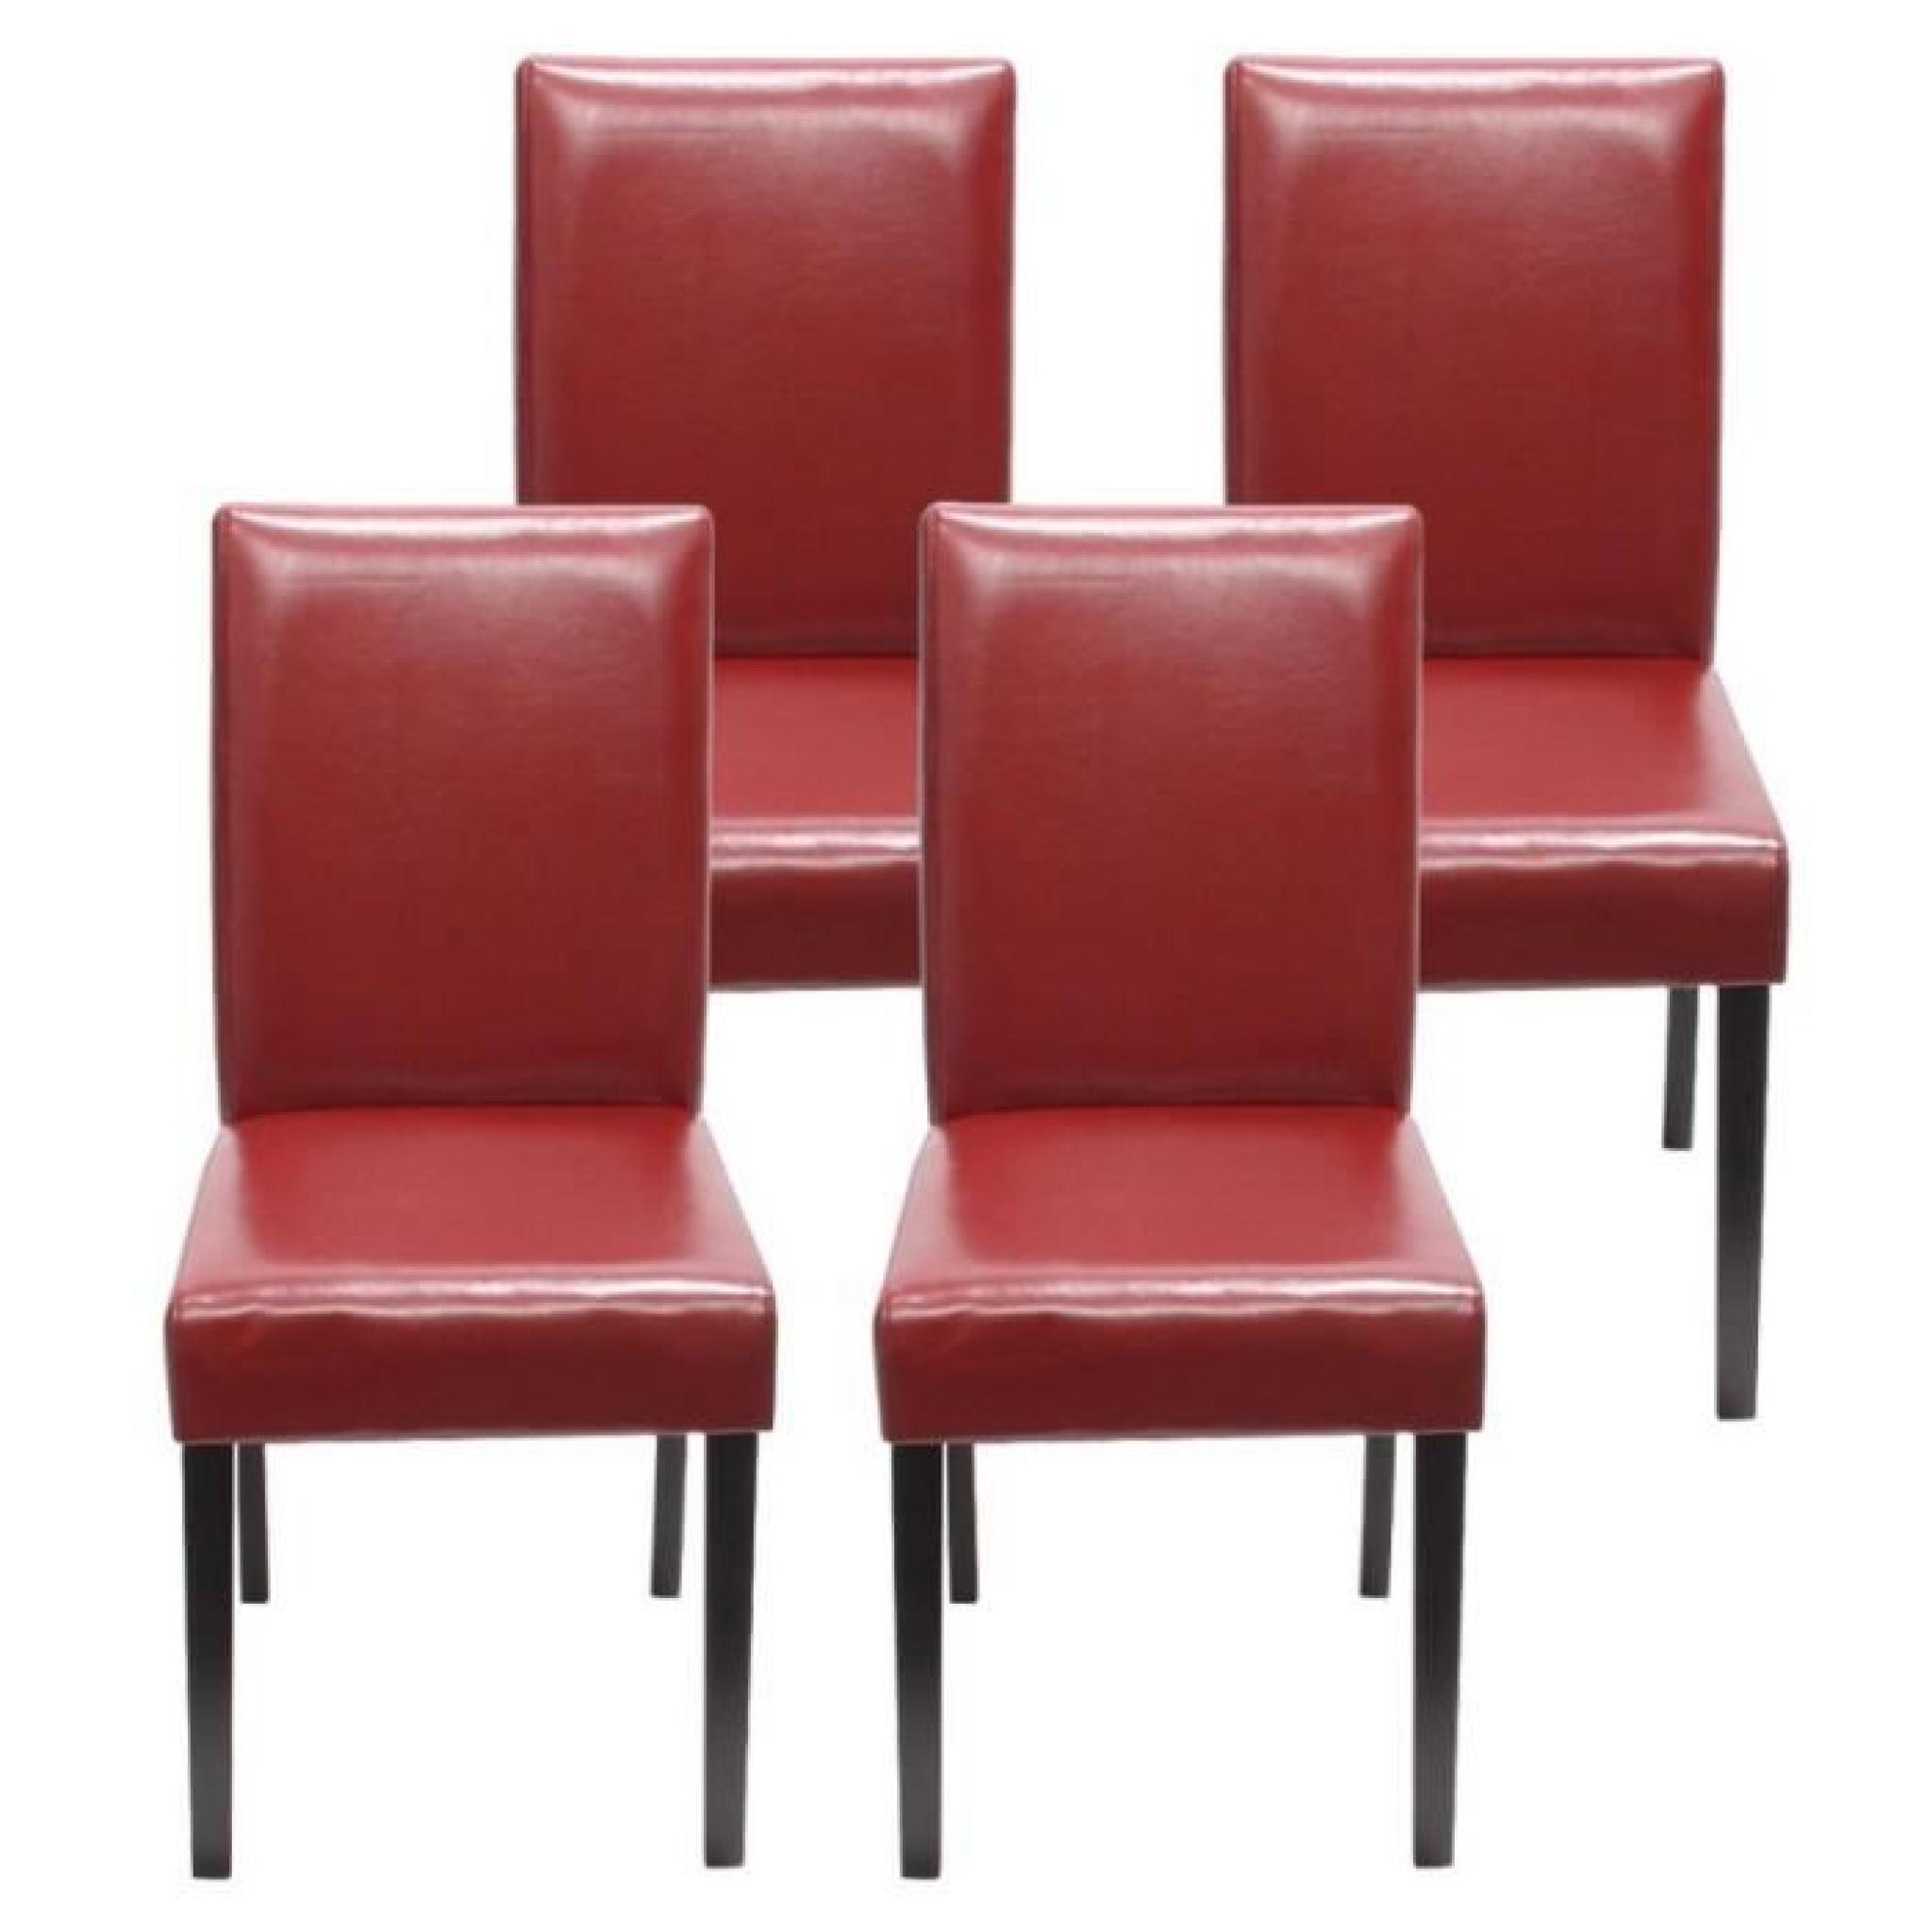 lot de 4 chaises de salle manger simili cuir rouge pieds clairs cds04143 achat vente chaise. Black Bedroom Furniture Sets. Home Design Ideas